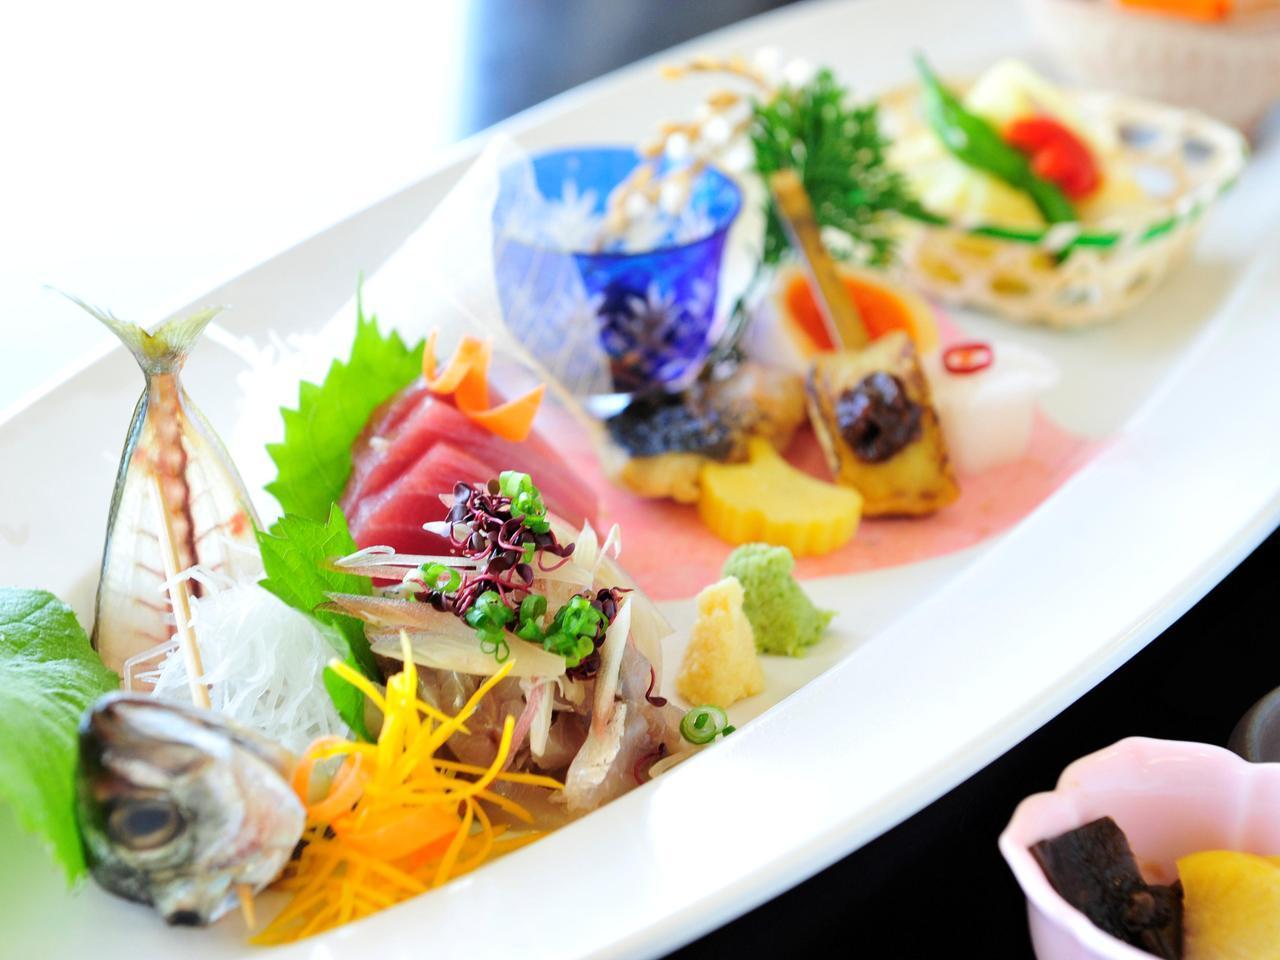 画像: 【クラブハウスグルメ】新鮮すぎる海の幸。伊東カントリークラブの「伊豆乃凪」